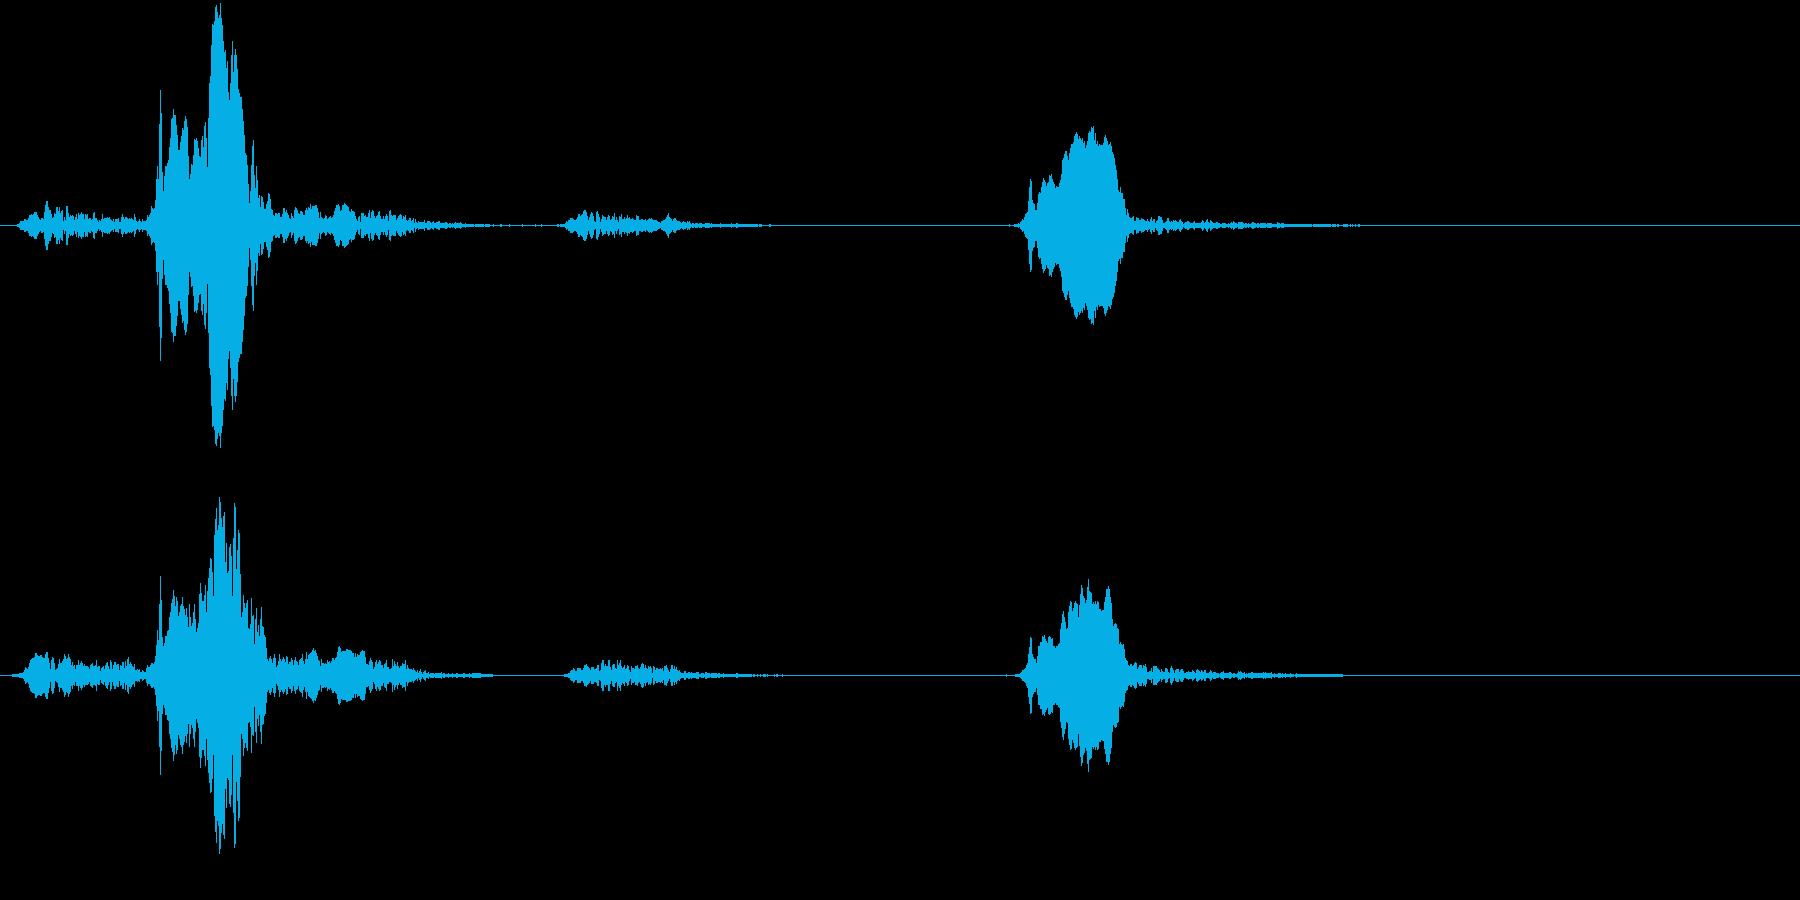 【生録音】早朝の小鳥のさえずりの再生済みの波形